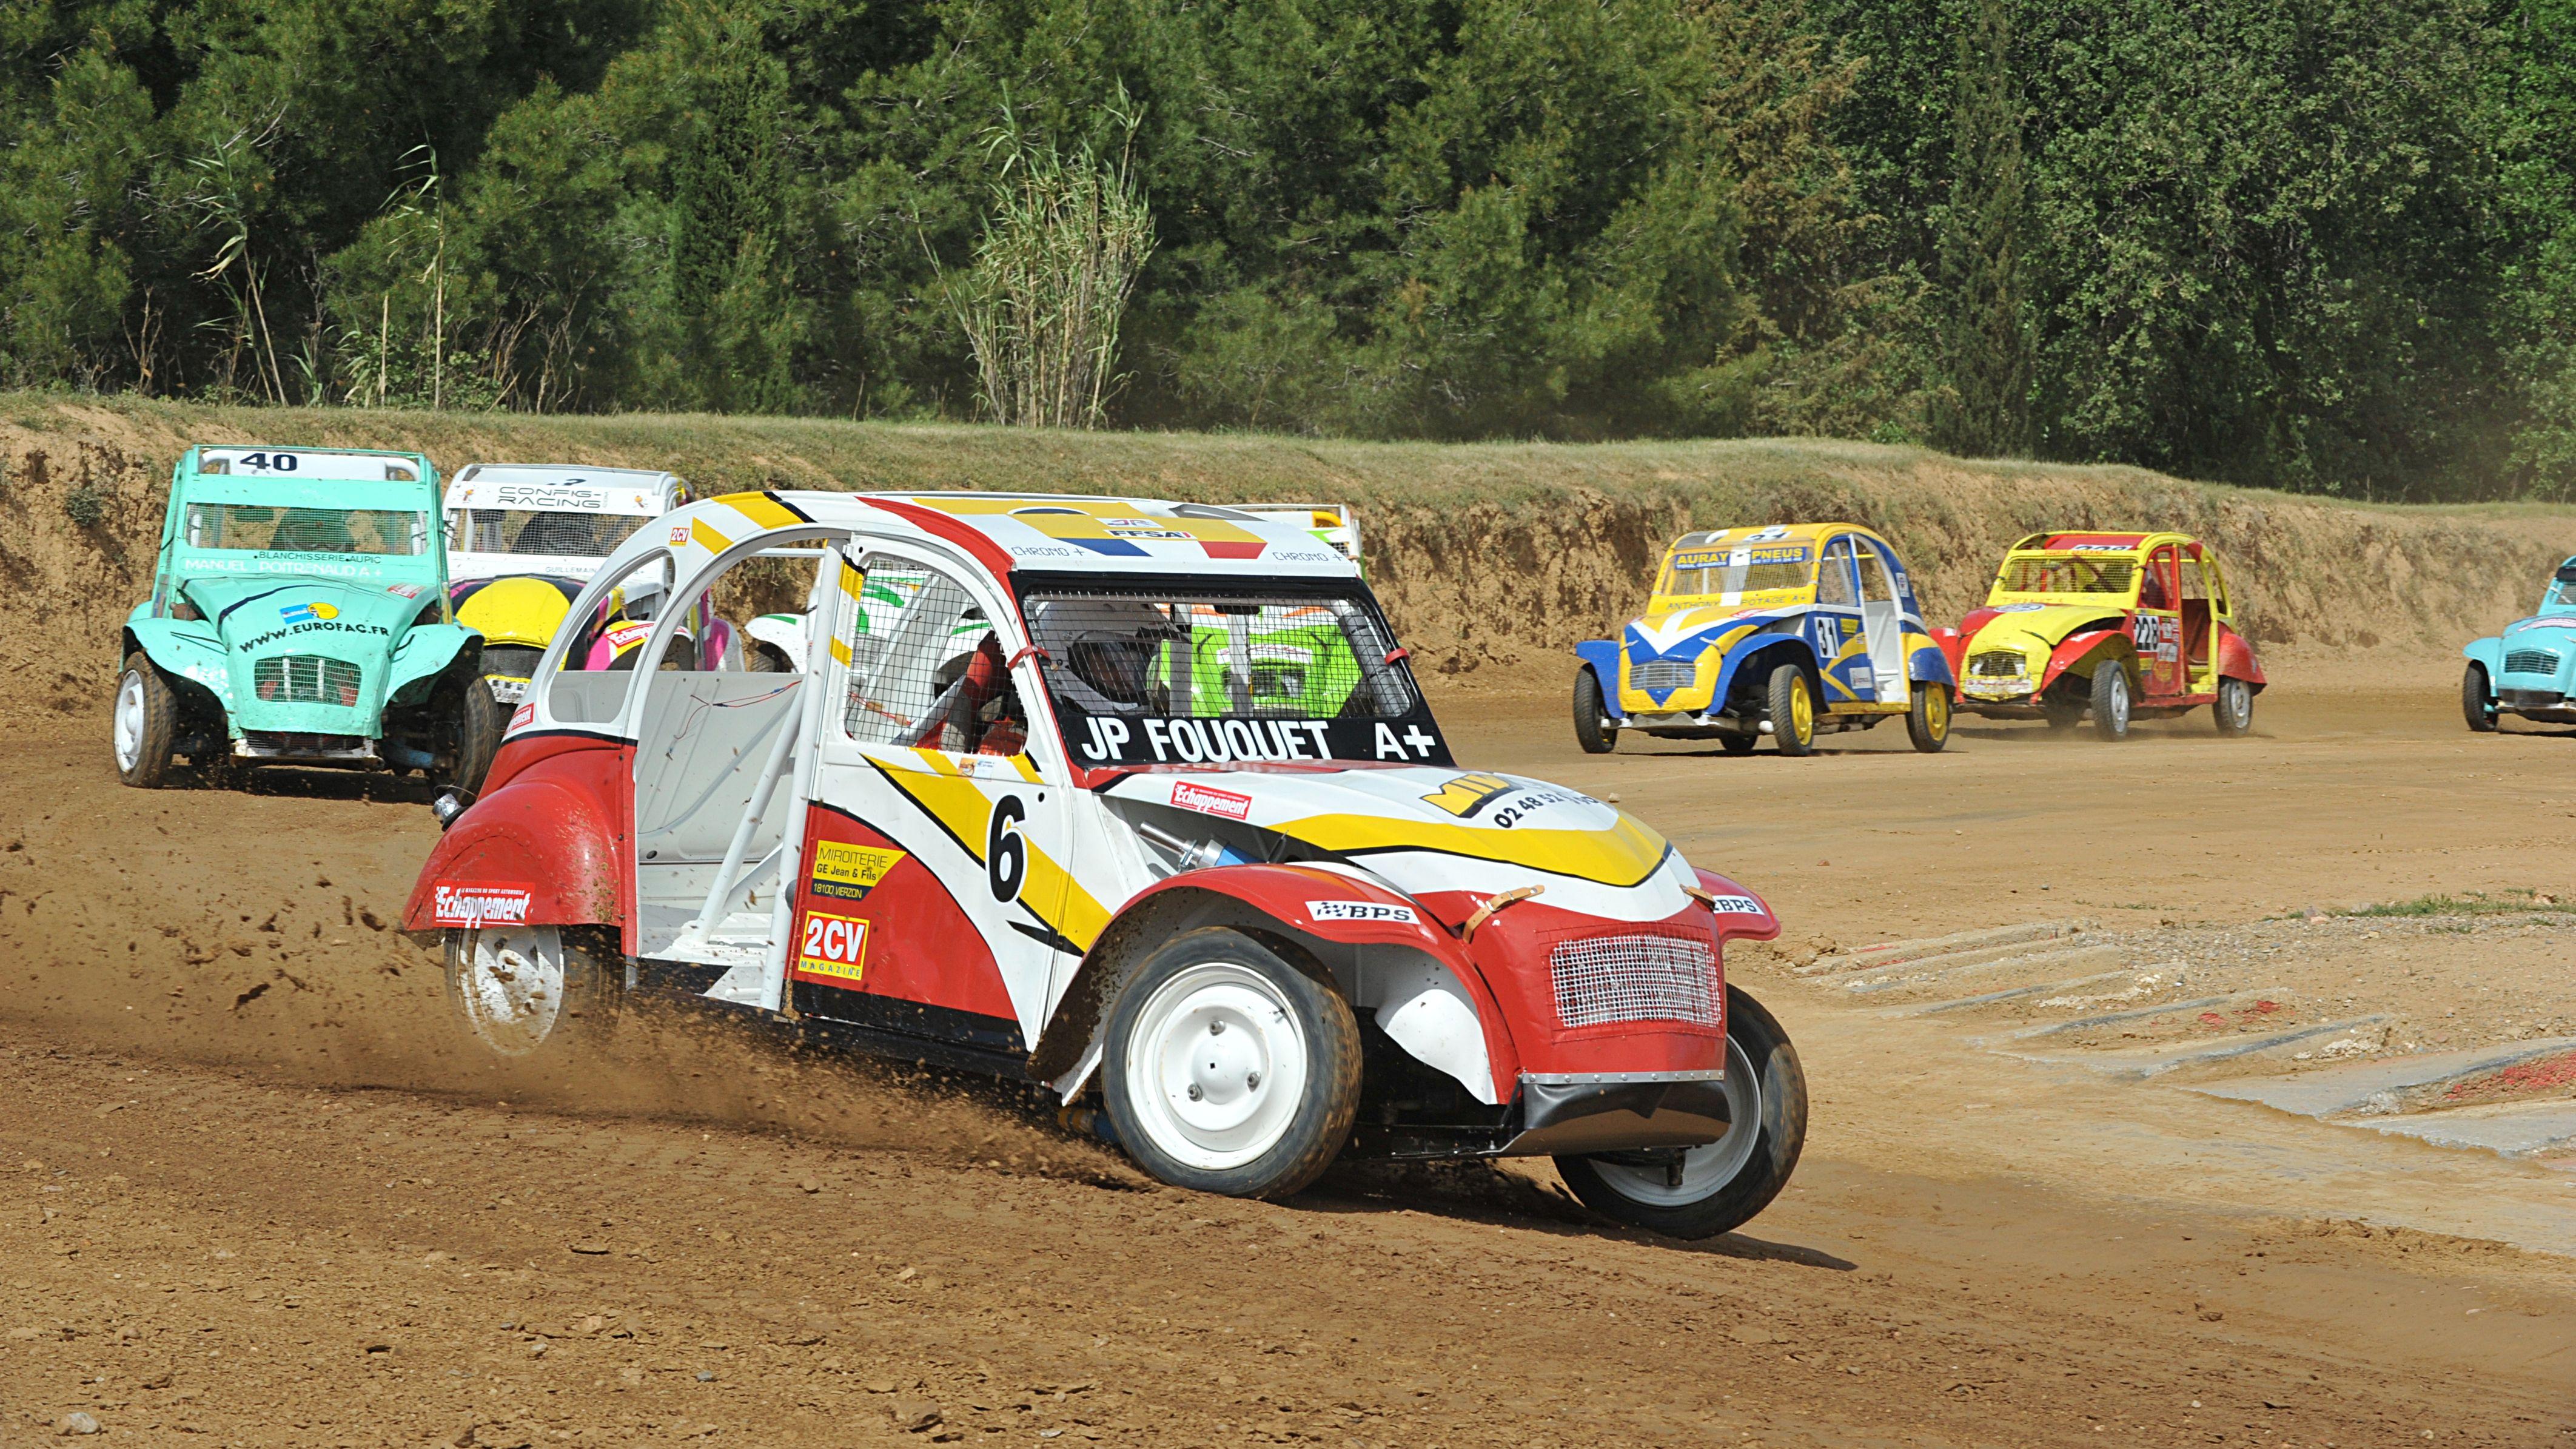 Rallye 2cv